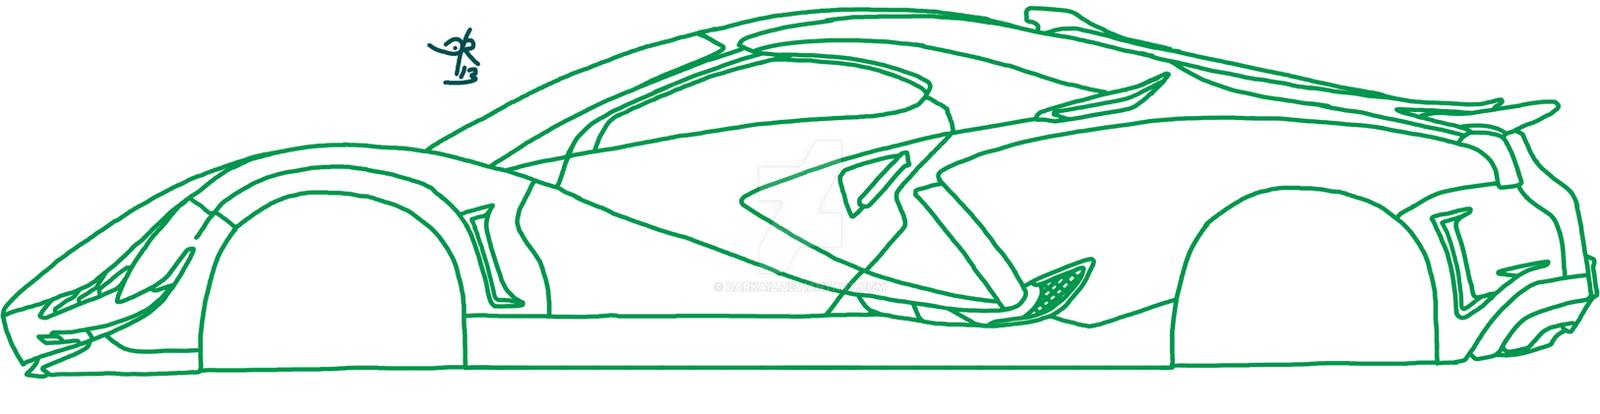 Supercar Sketch Update By Darkaiz On Deviantart